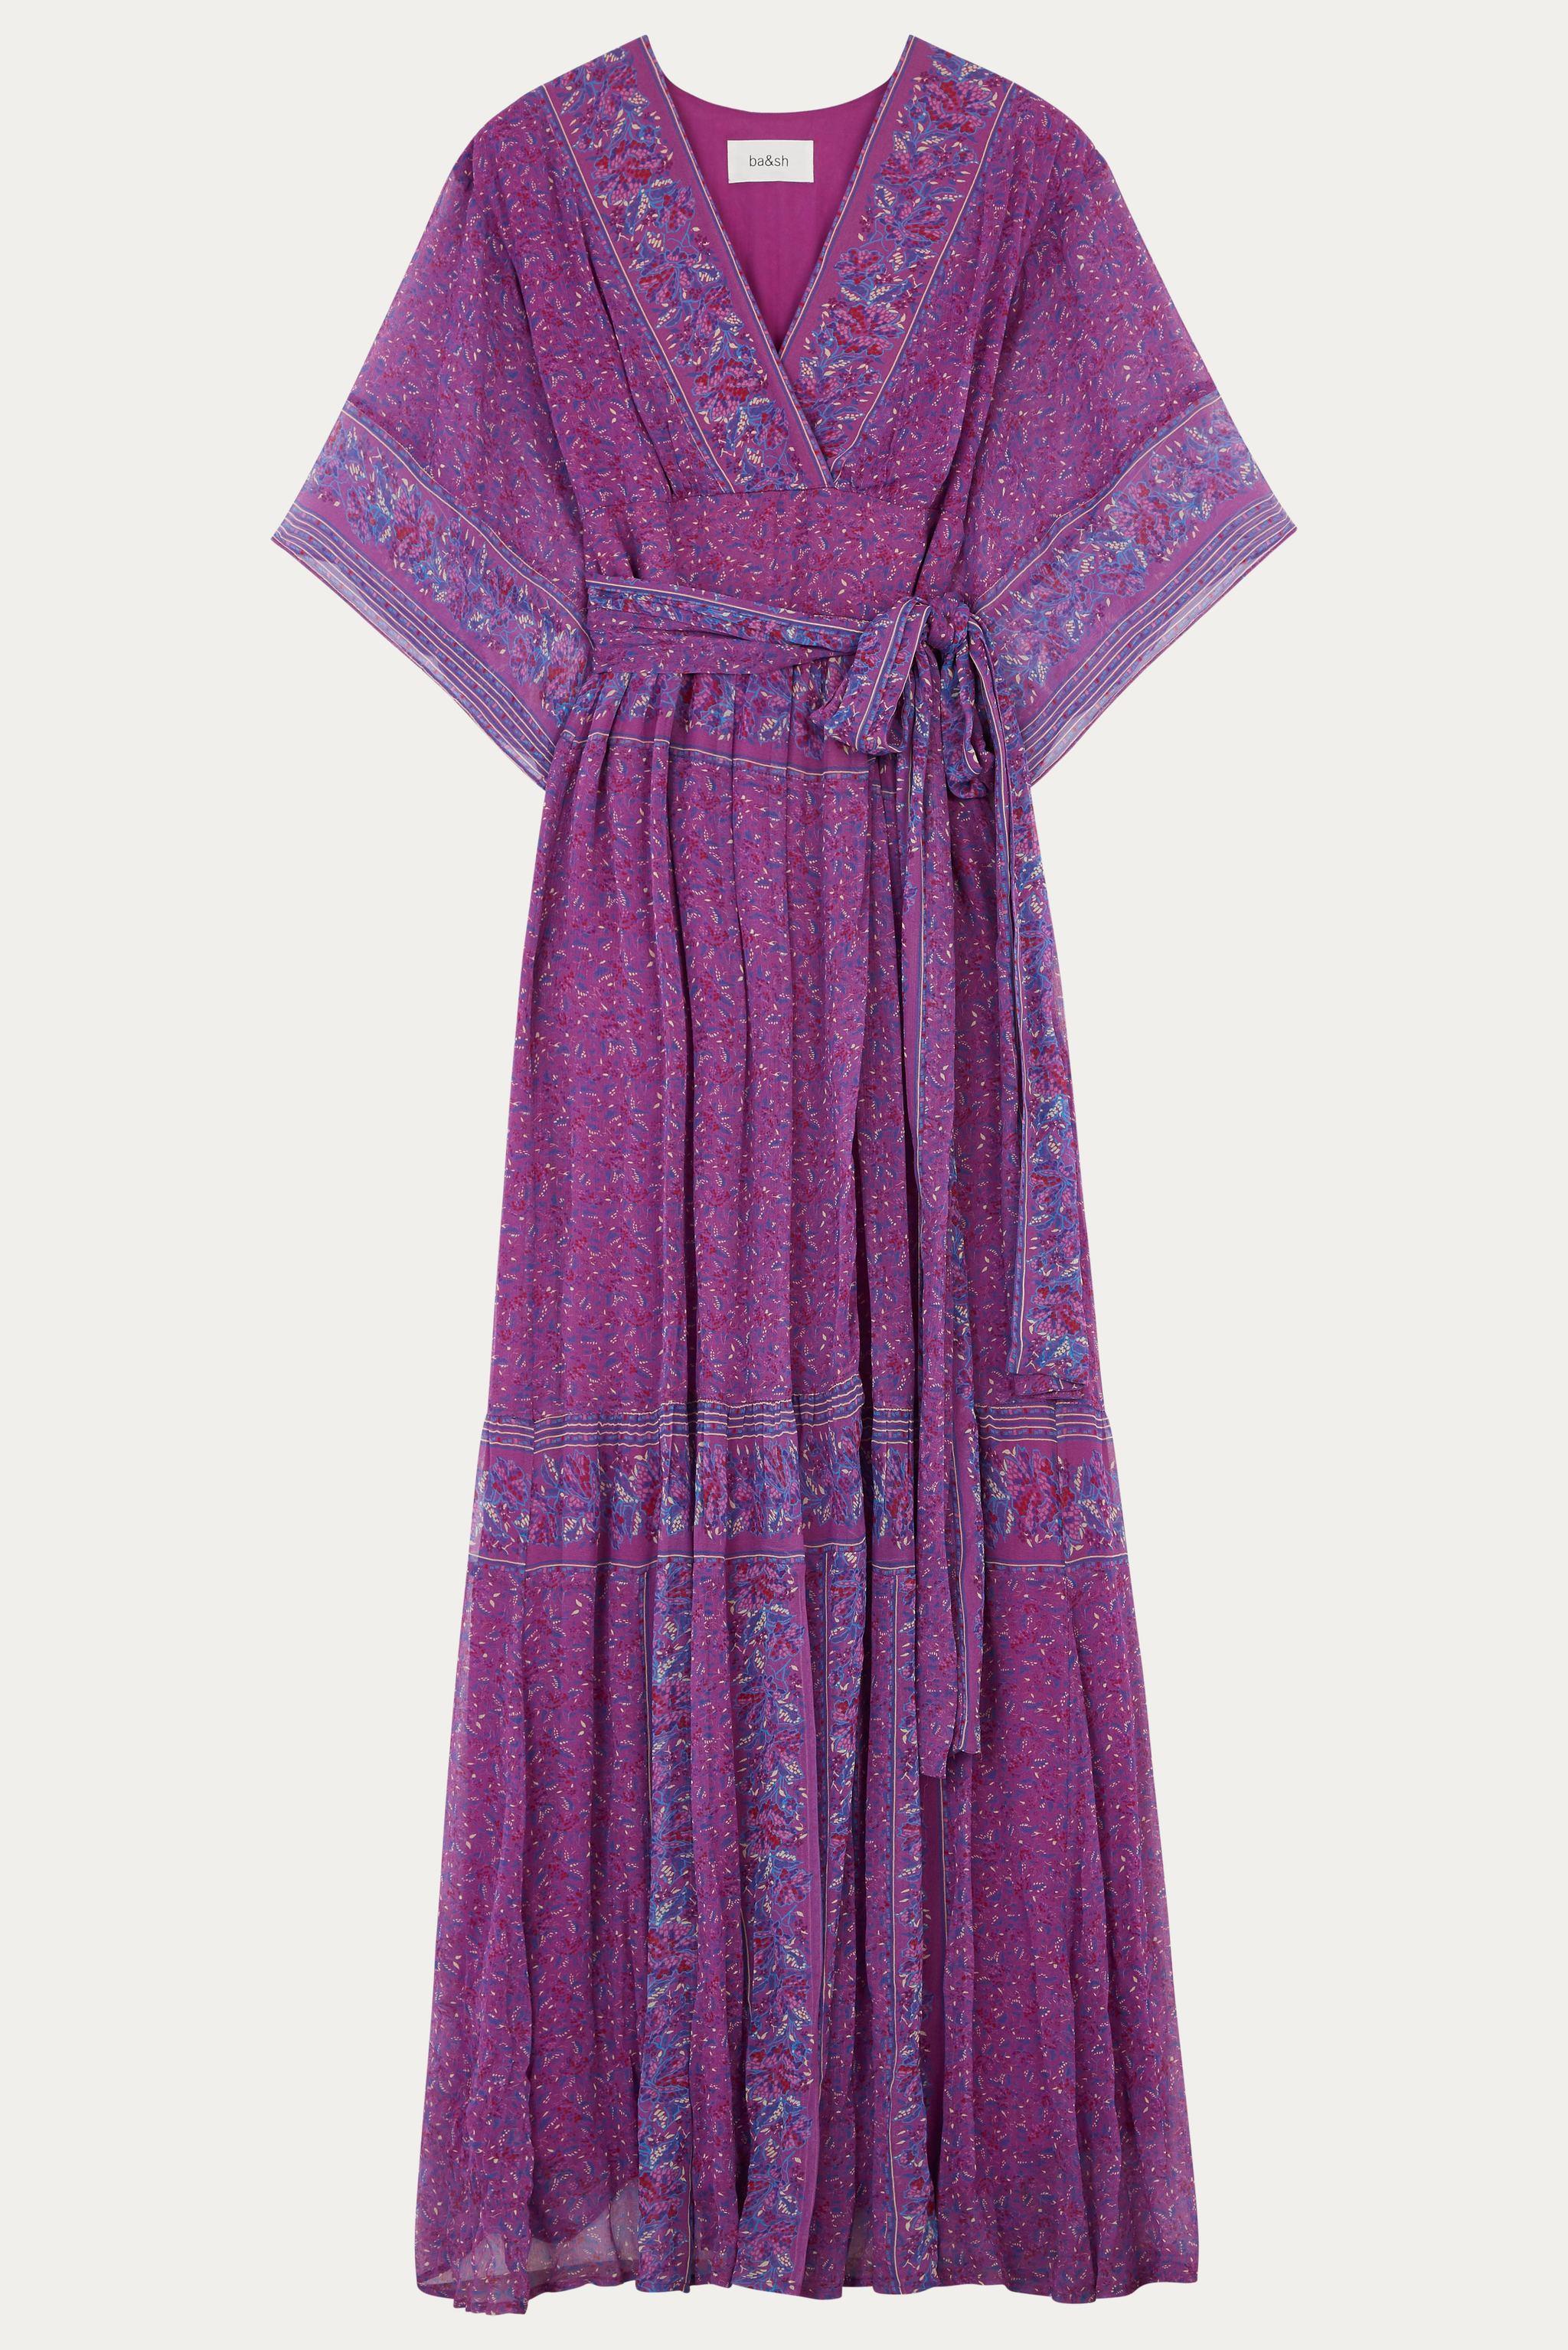 Vestido étnico (340 ¤) Ba&sh.